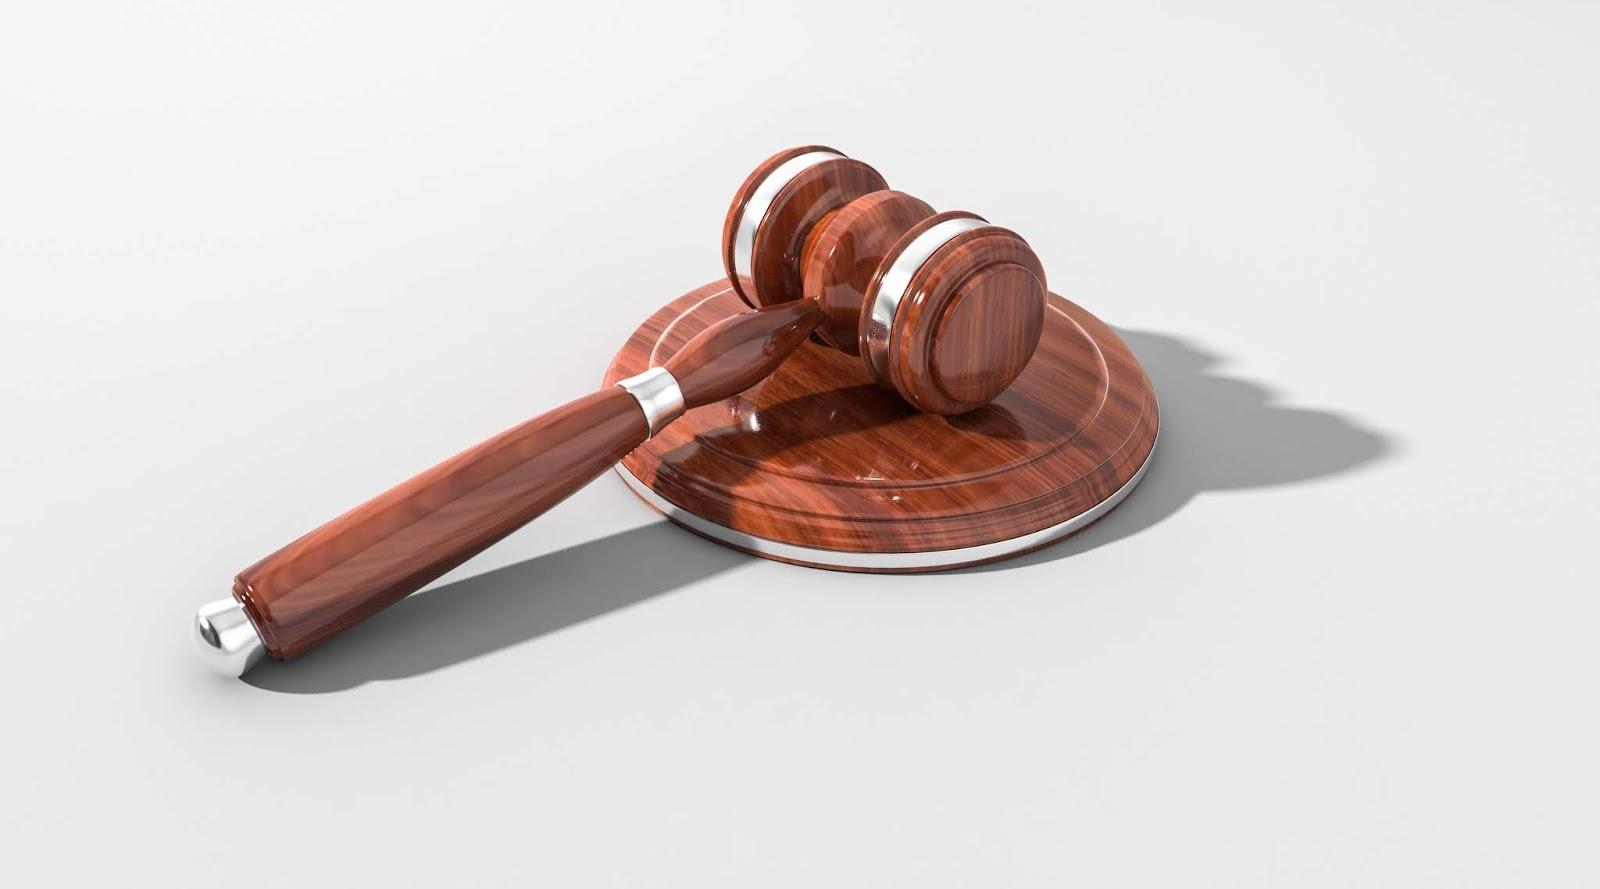 Estudo de caso: Em início de carreira no direito. Como começar a planejar para uma aposentadoria antecipada ?